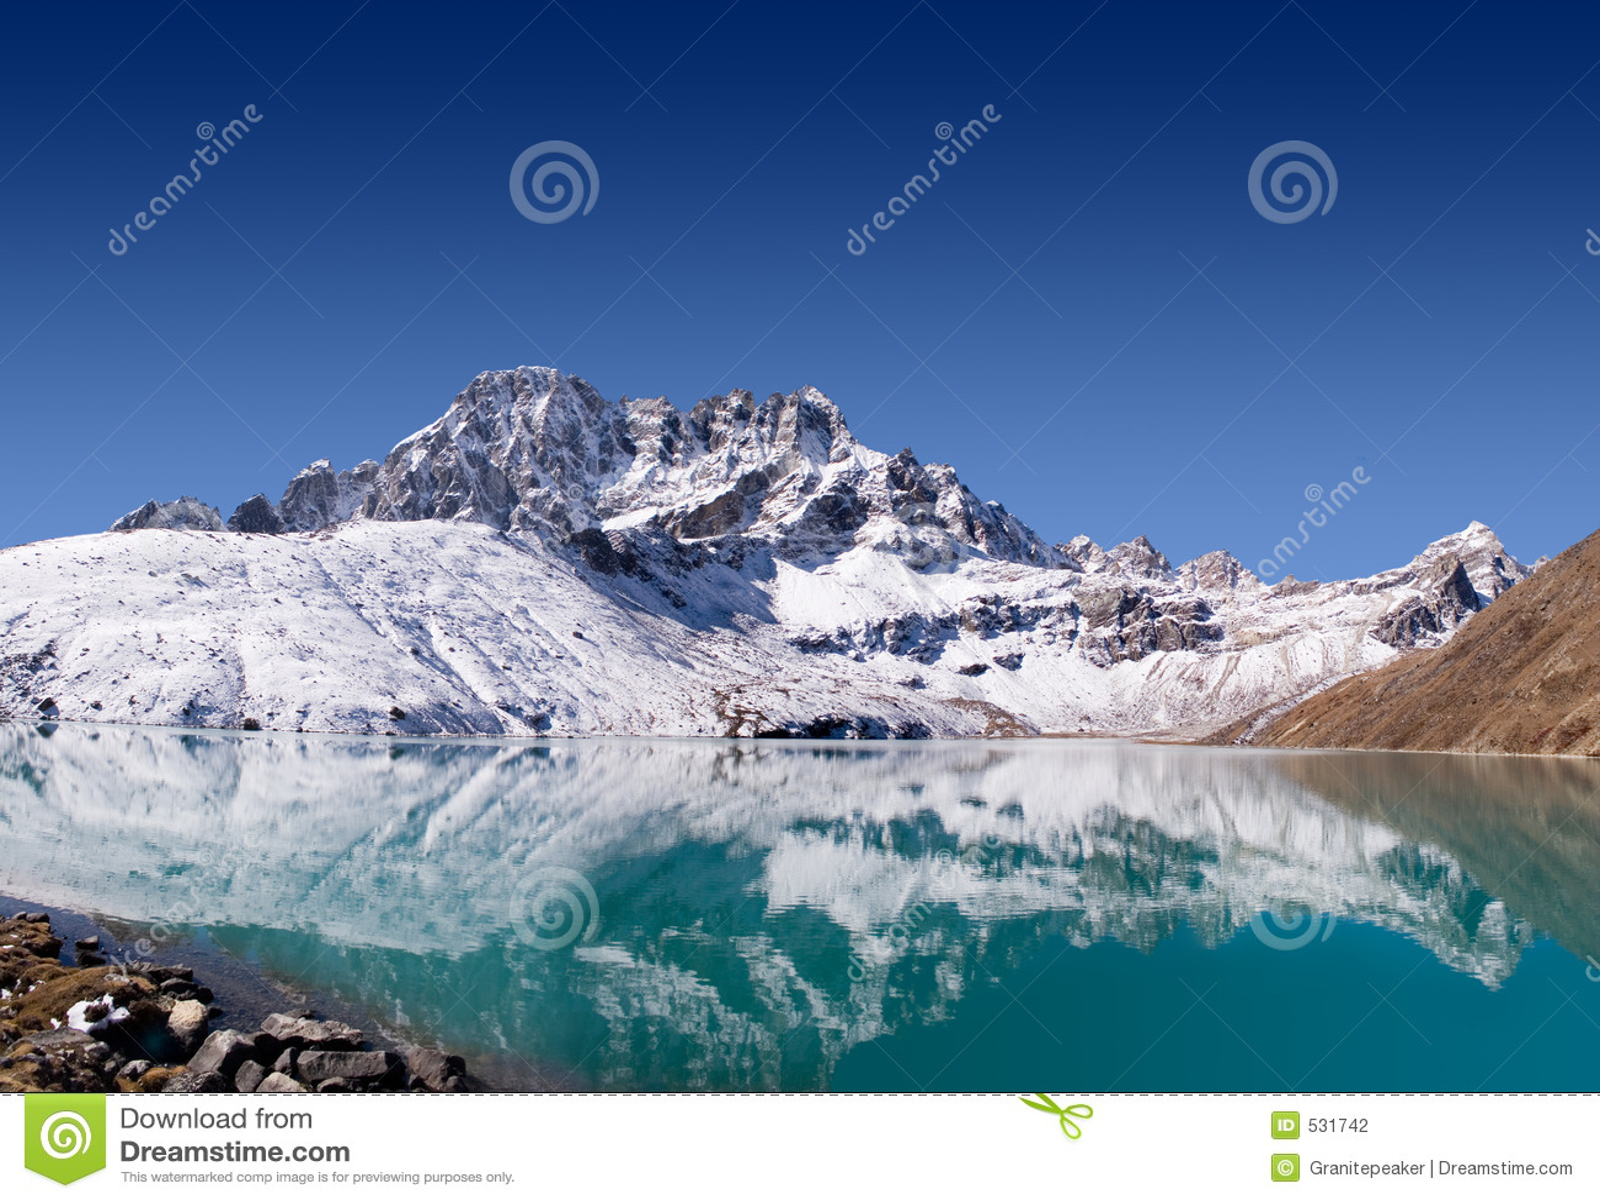 Download Dudh pokhari 库存照片. 图片 包括有 远征, 平安, 高涨, 挂接, 喜马拉雅山, 宁静, 尼泊尔 - 531742